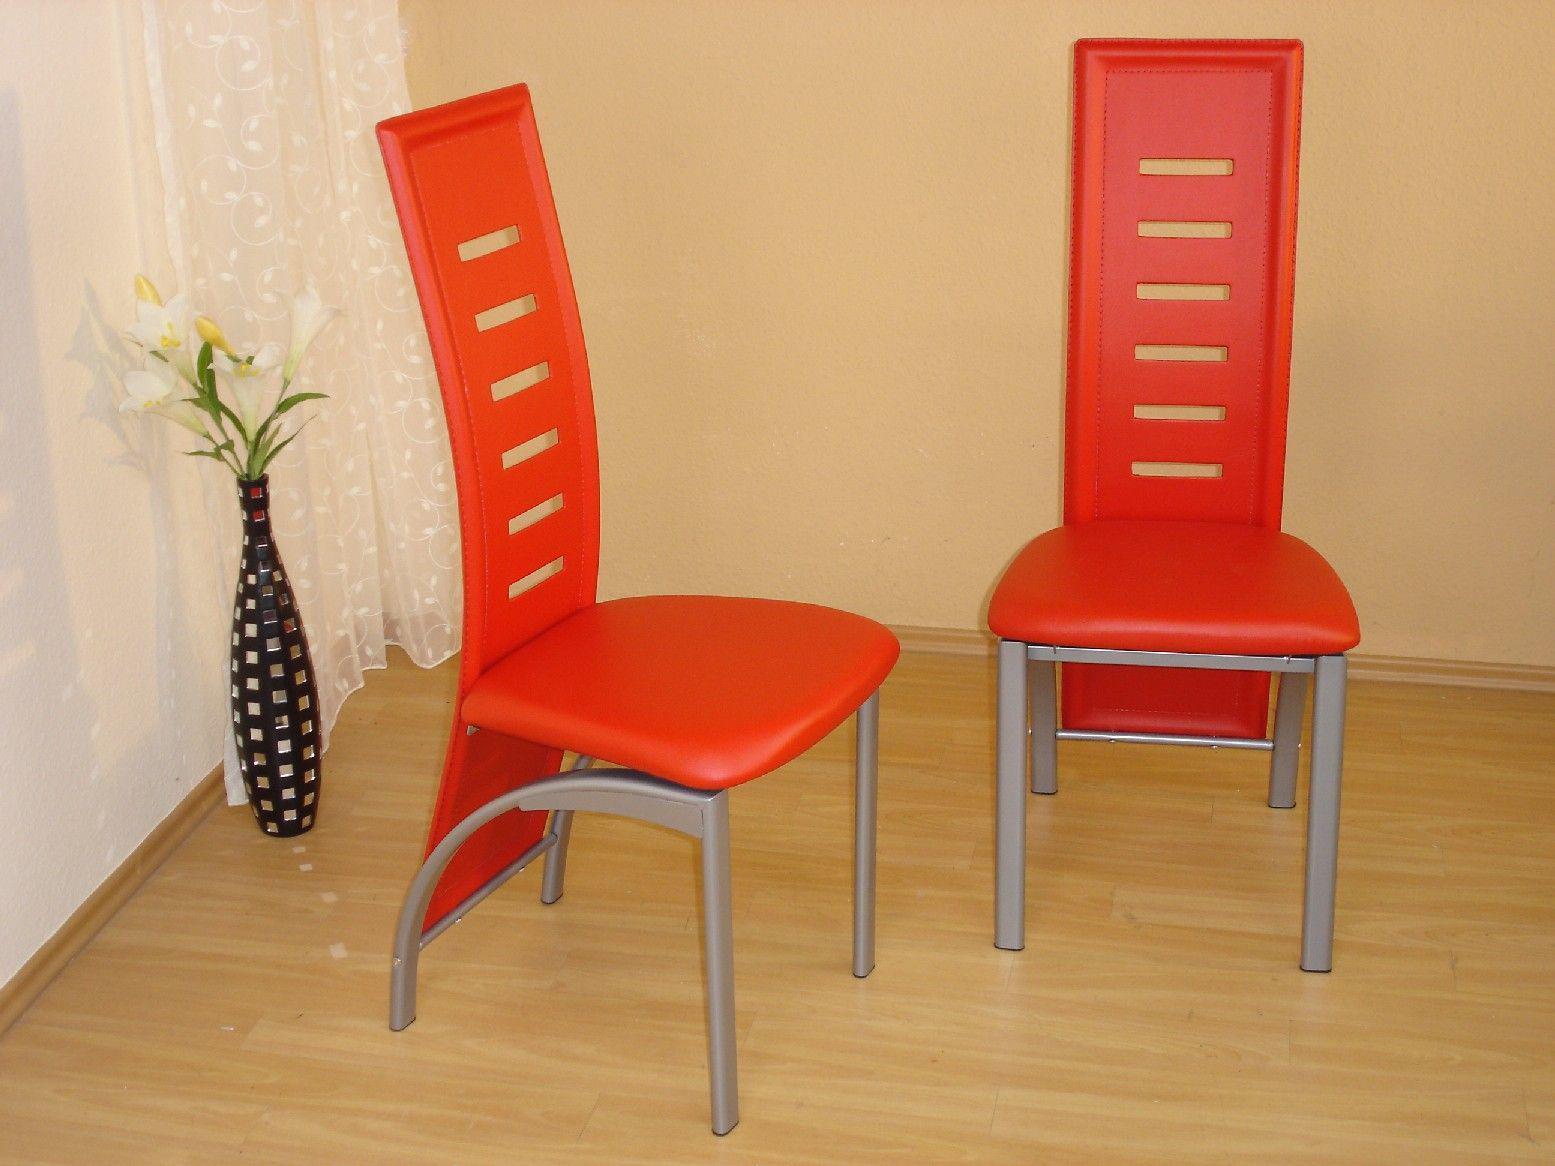 2 x stuhl st hle stuhlset esszimmerst hle kunstleder. Black Bedroom Furniture Sets. Home Design Ideas